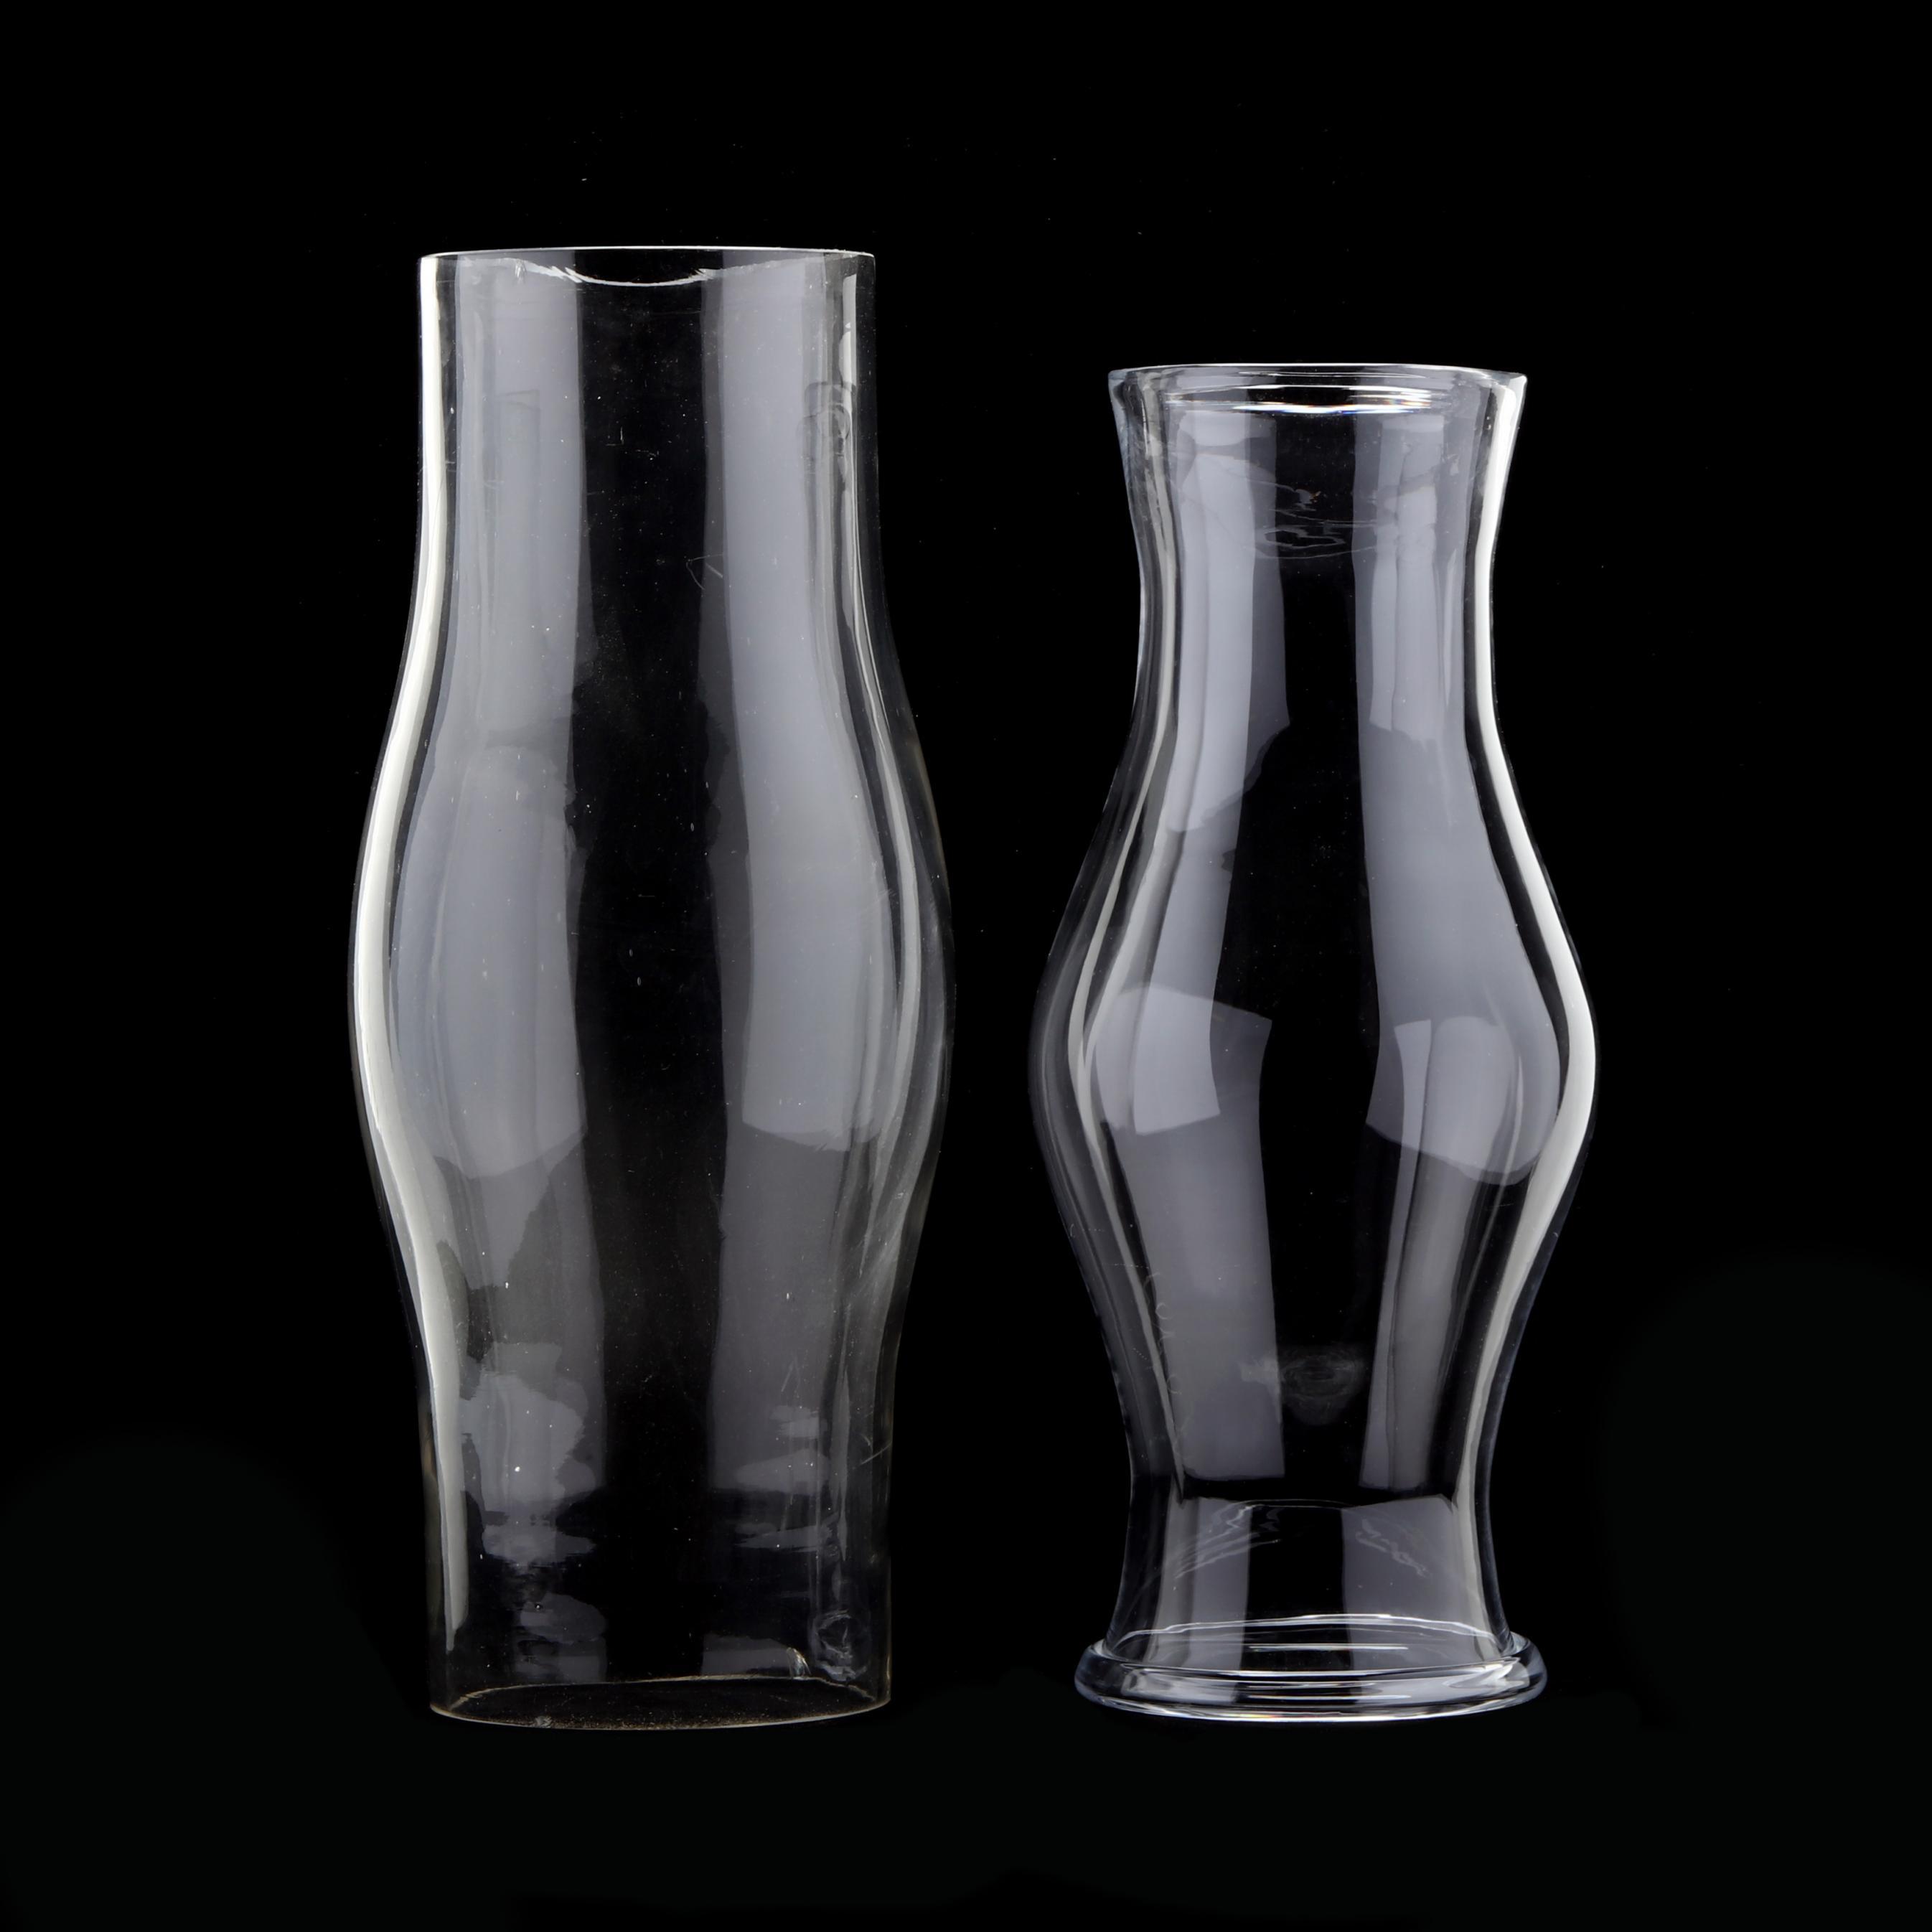 two-blown-glass-hurricane-shades